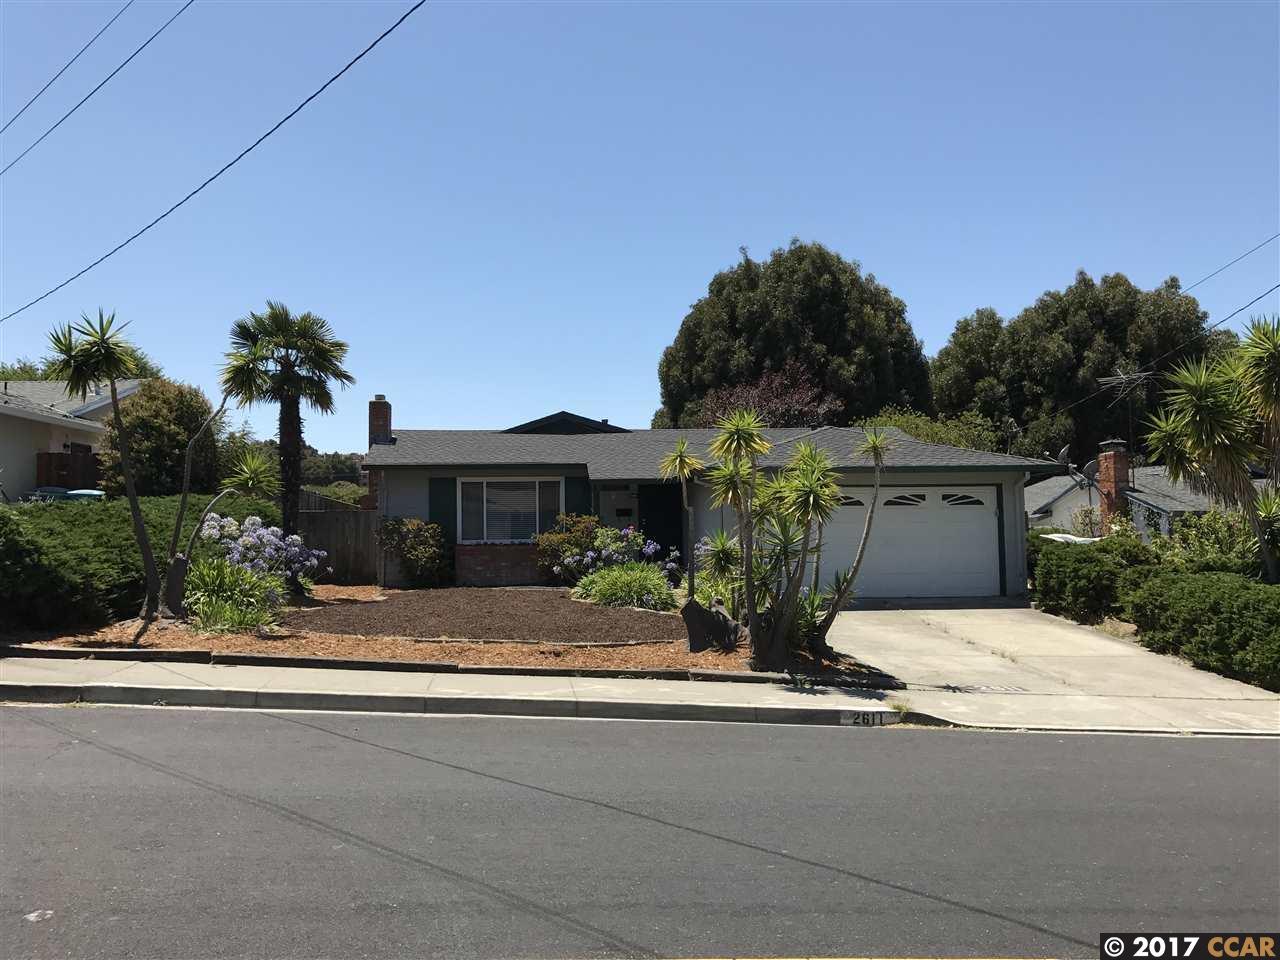 一戸建て のために 売買 アット 2611 Shamrock Drive 2611 Shamrock Drive San Pablo, カリフォルニア 94806 アメリカ合衆国